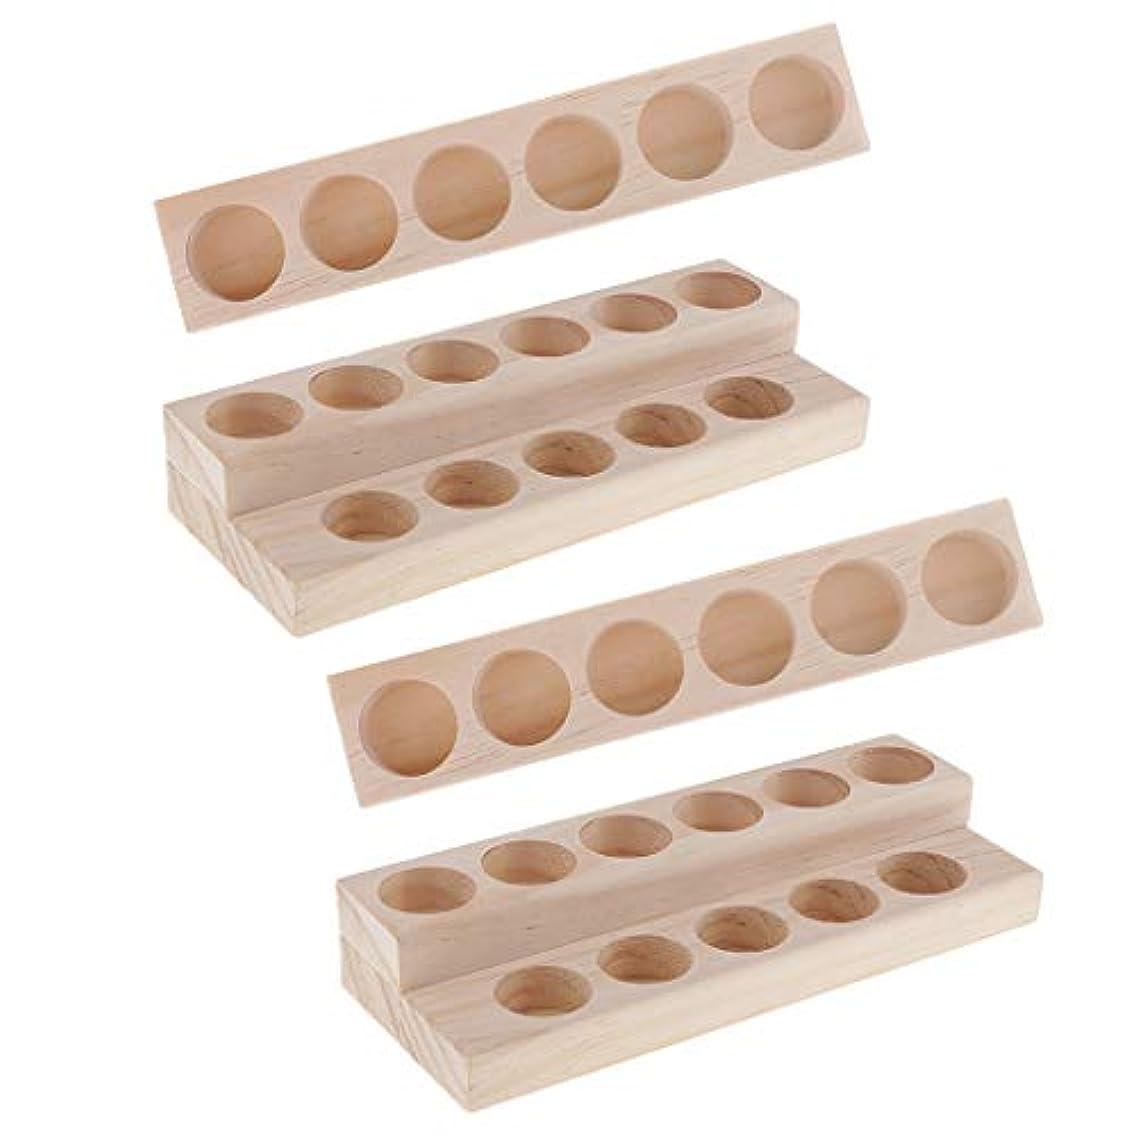 裁定入植者リスクHellery 木製 エッセンシャルオイル ディスプレイ 香水瓶収納 マニキュアスタンド 美容室 ネイルサロン 用品 4個入り